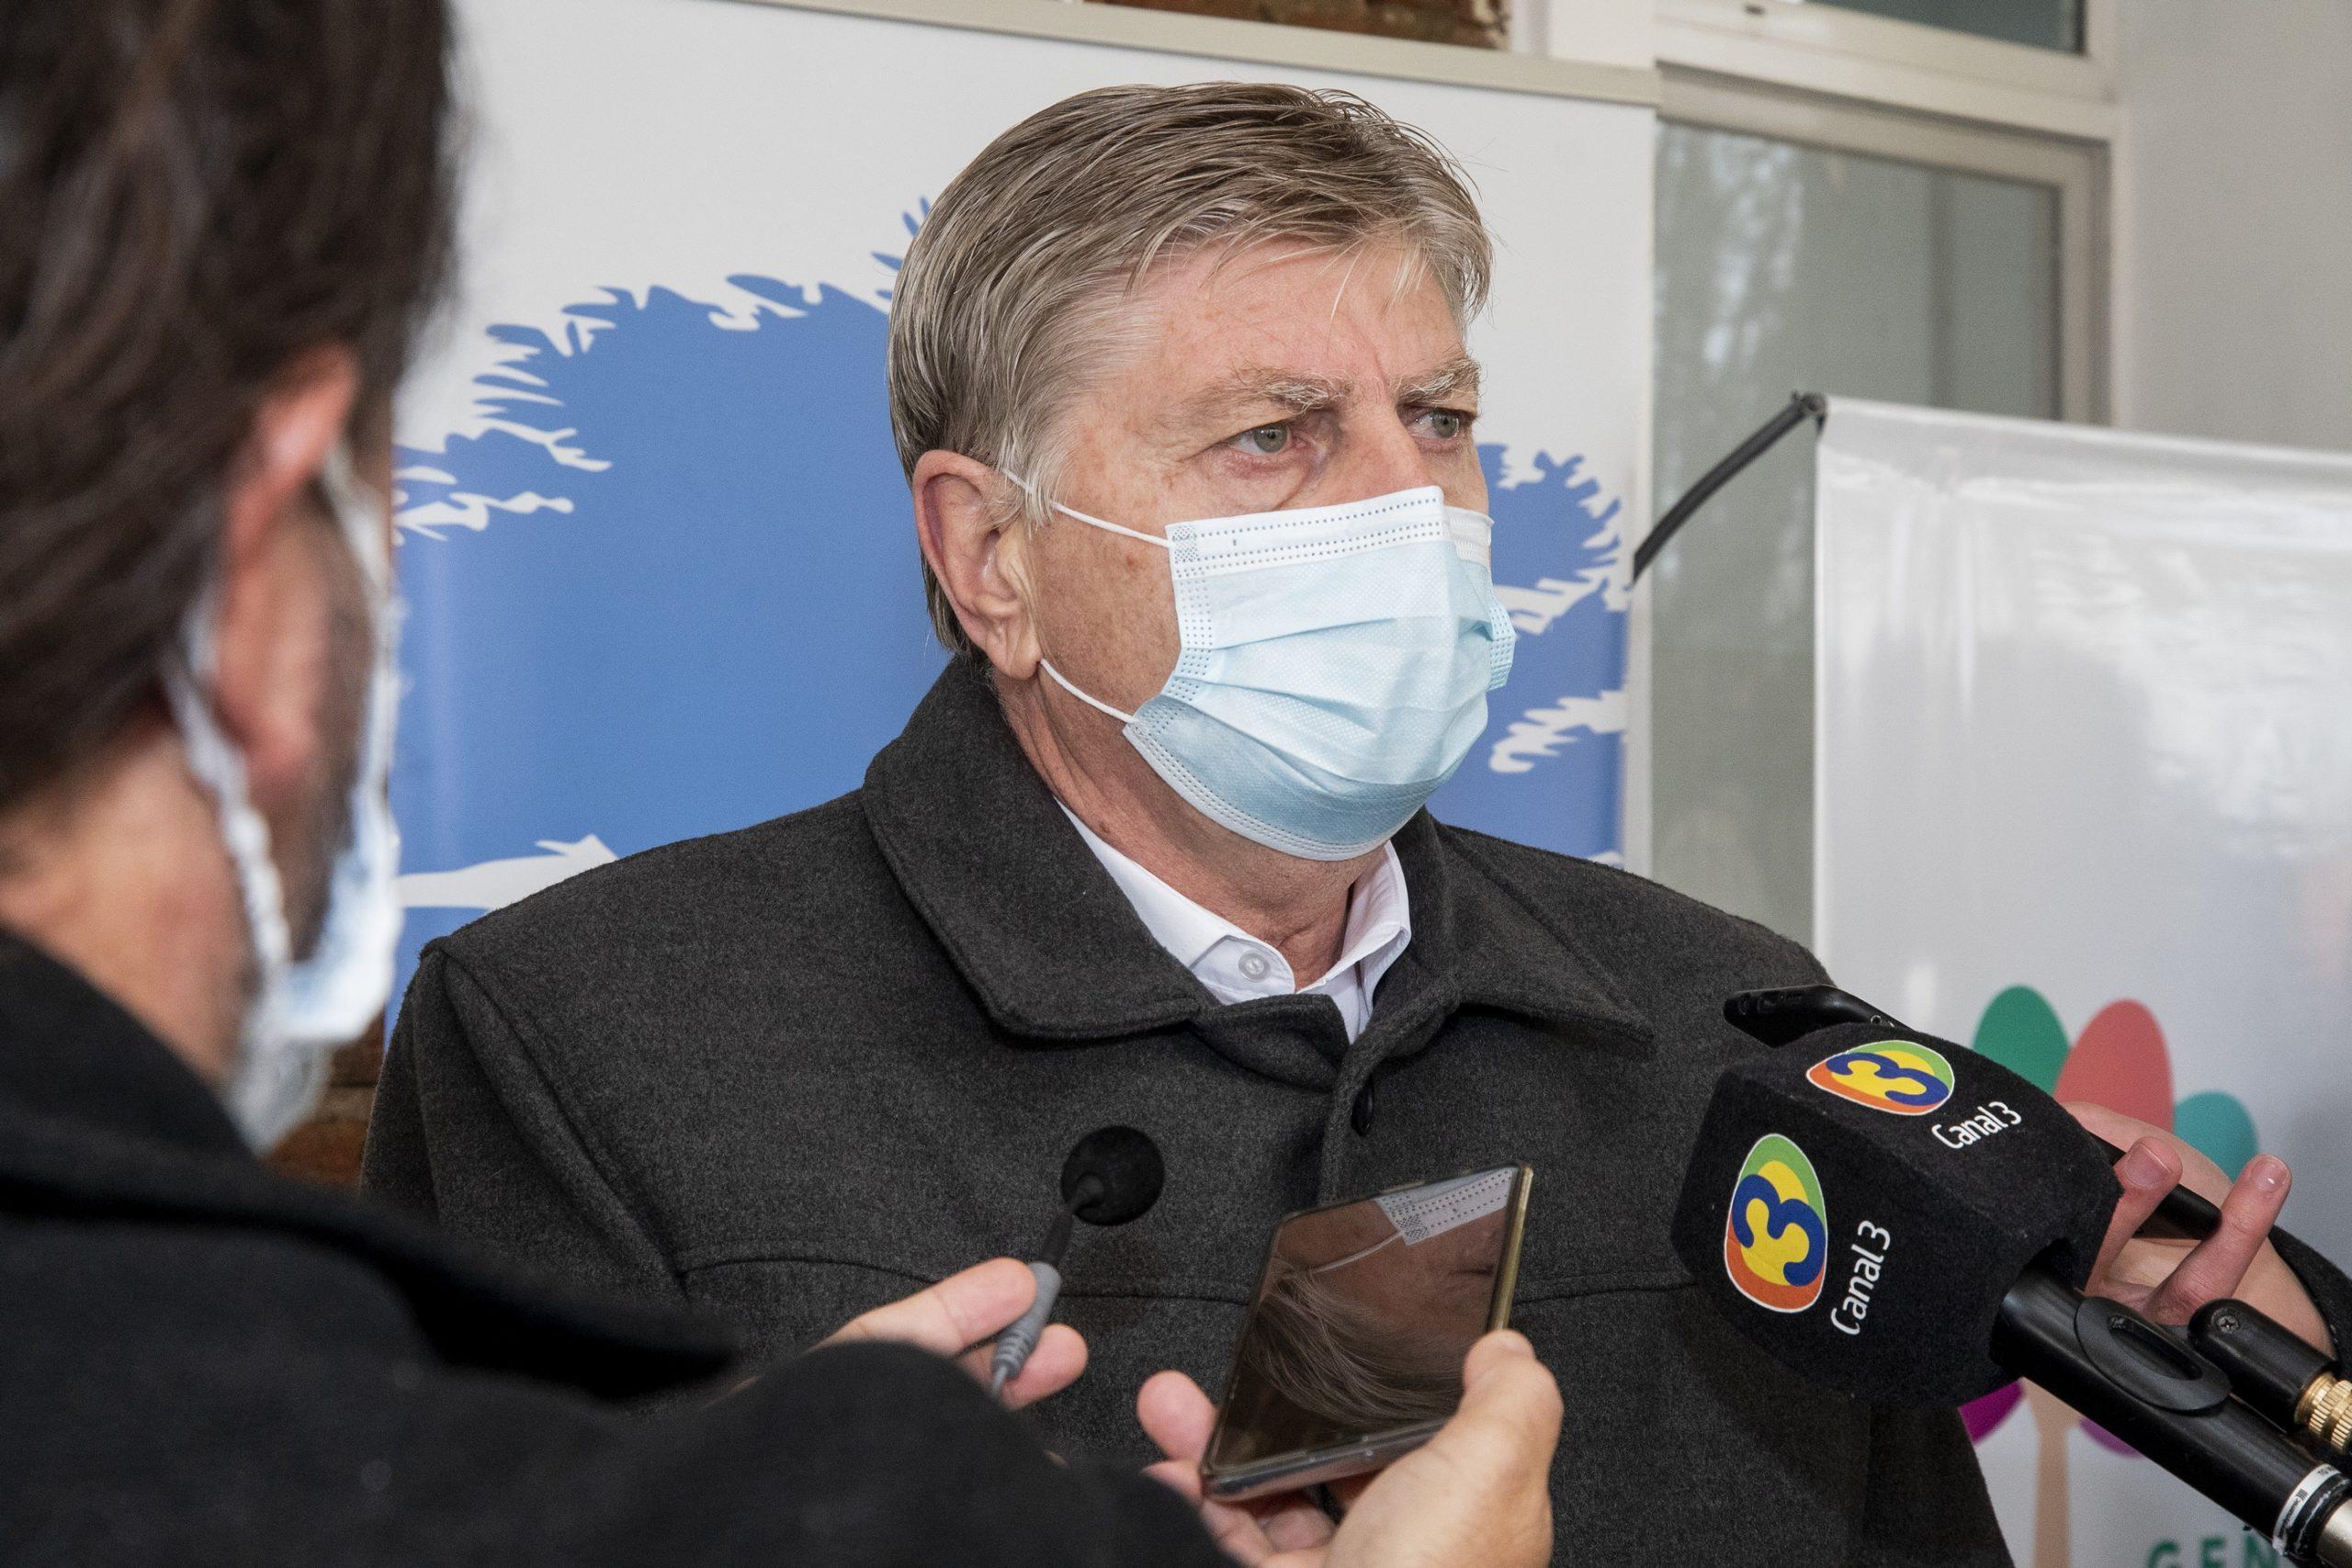 Ziliotto duro con los Gobernadores que buscan adquirir vacunas: «yo les diría que primero vacunen las que tienen en los freezers y cuando les falte salgan a comprar»